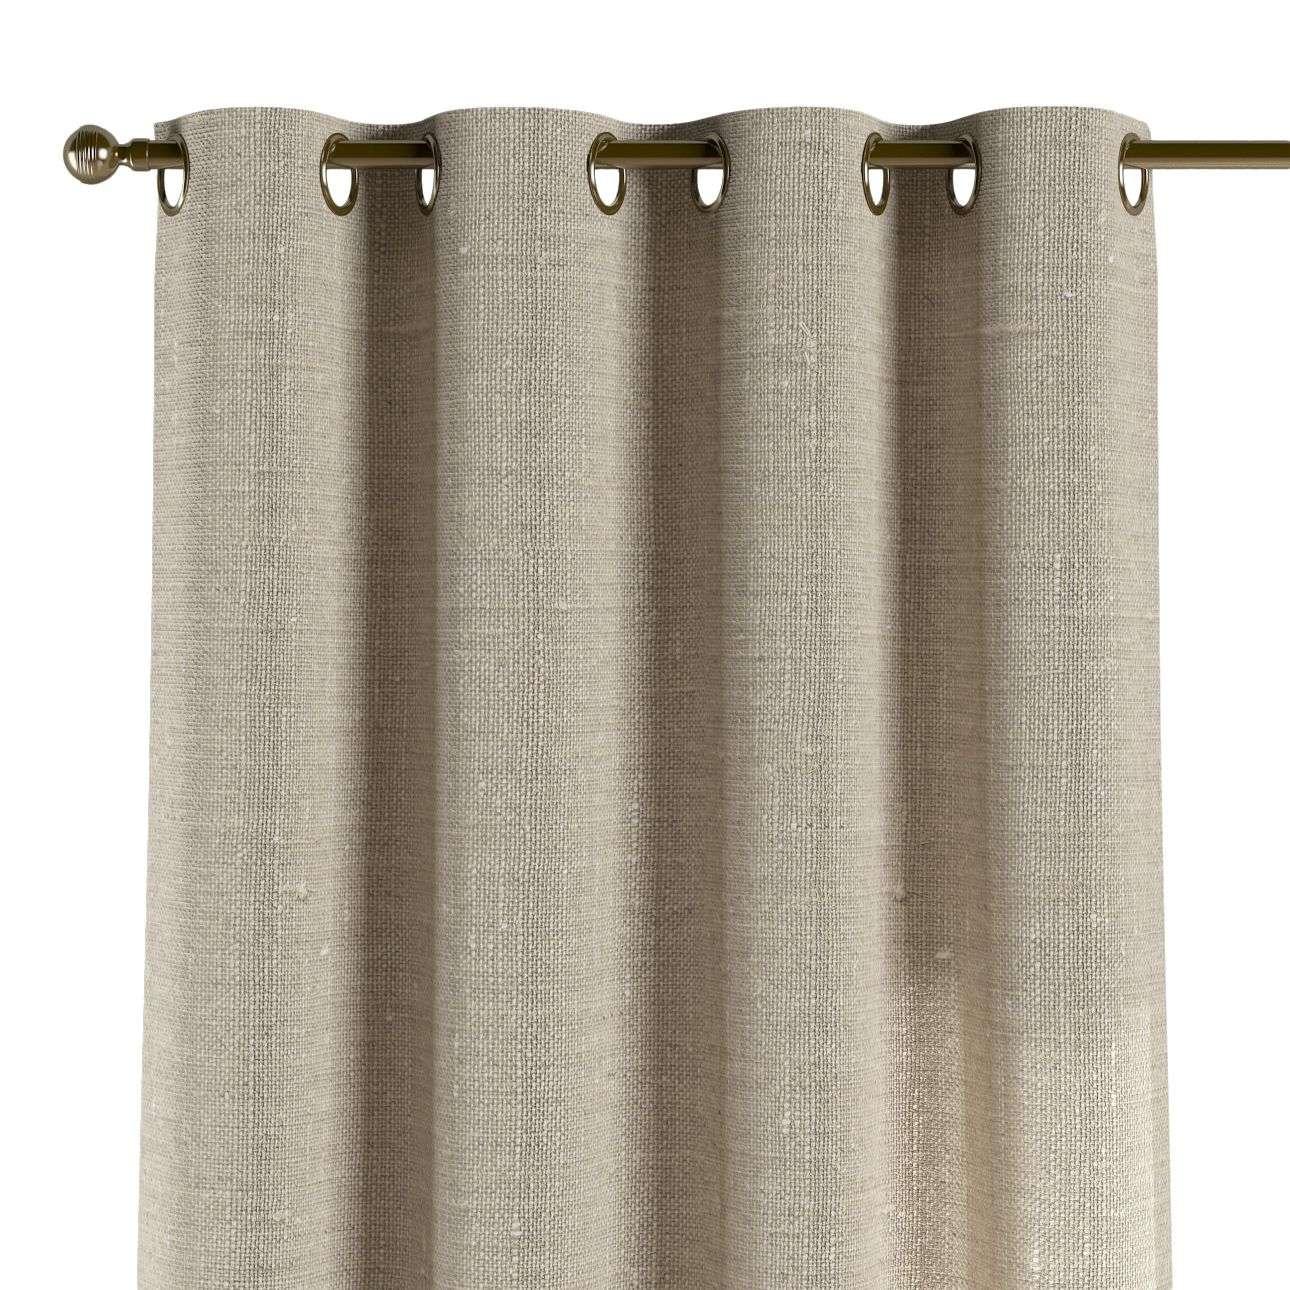 Gardin med maljer 1 stk. 130 x 260 cm fra kolleksjonen Linen, Stoffets bredde: 392-05